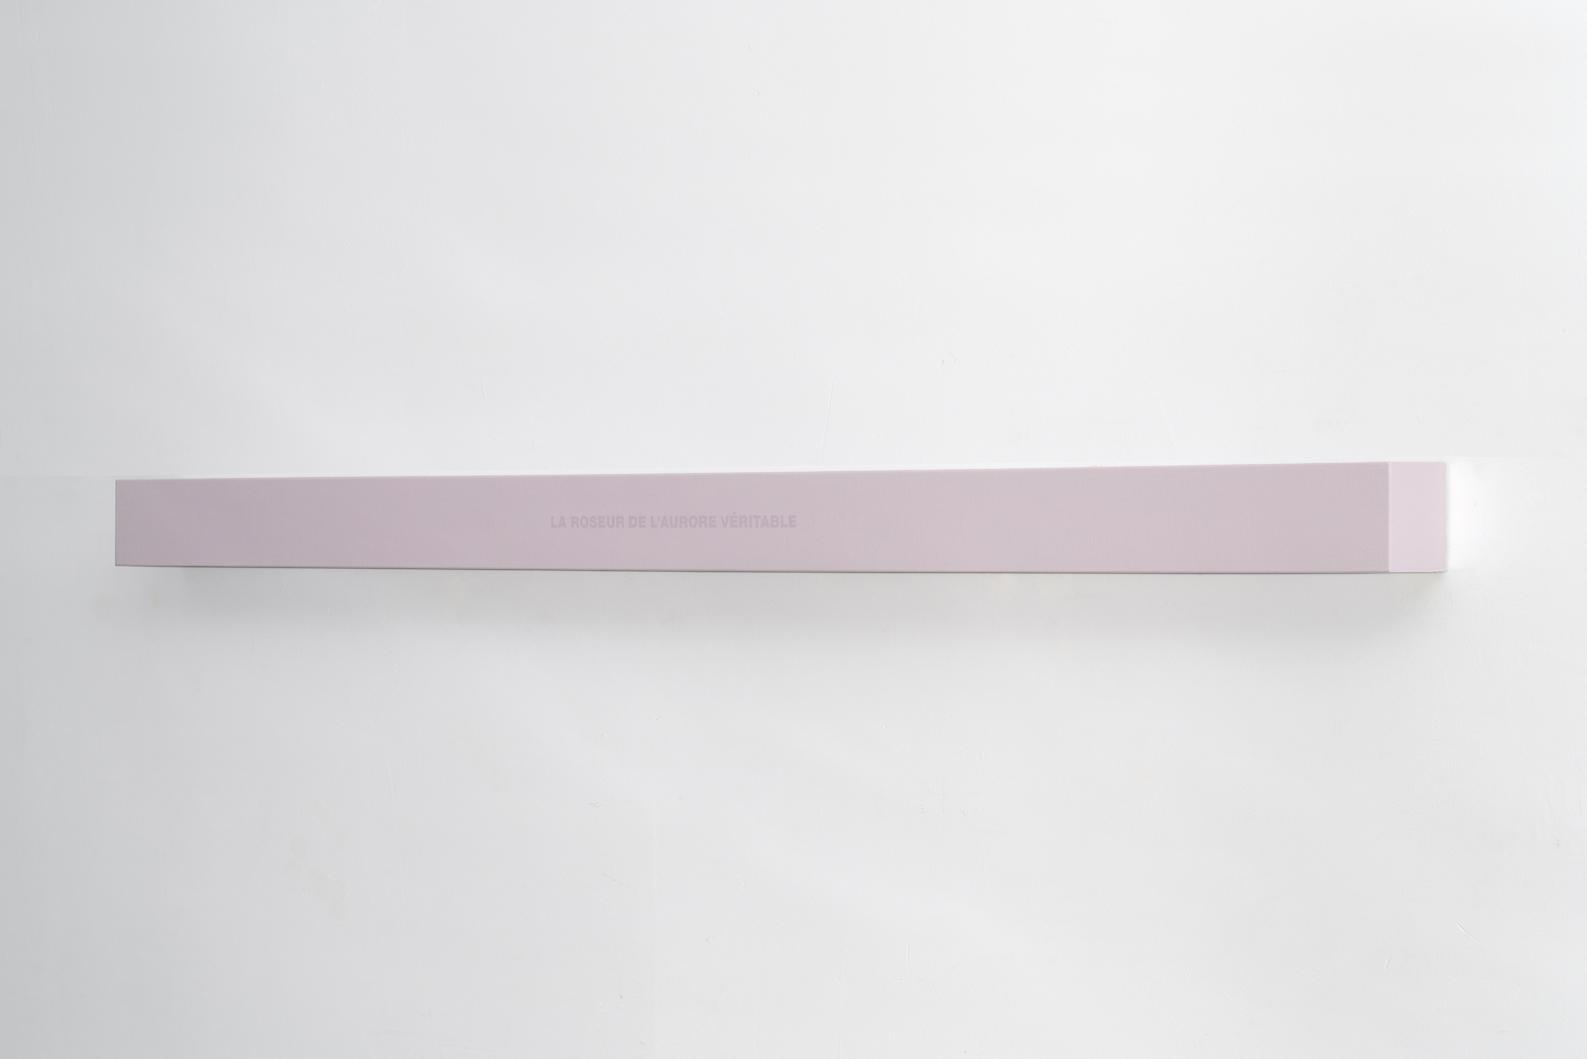 Francine Savard, Lumière de l'aurore, 2018, Médiums mixtes sur toile marouflée sur caisson de bois, 10,16 × 177,8 × 10,16 cm / 4 x 70 x 4 pouces